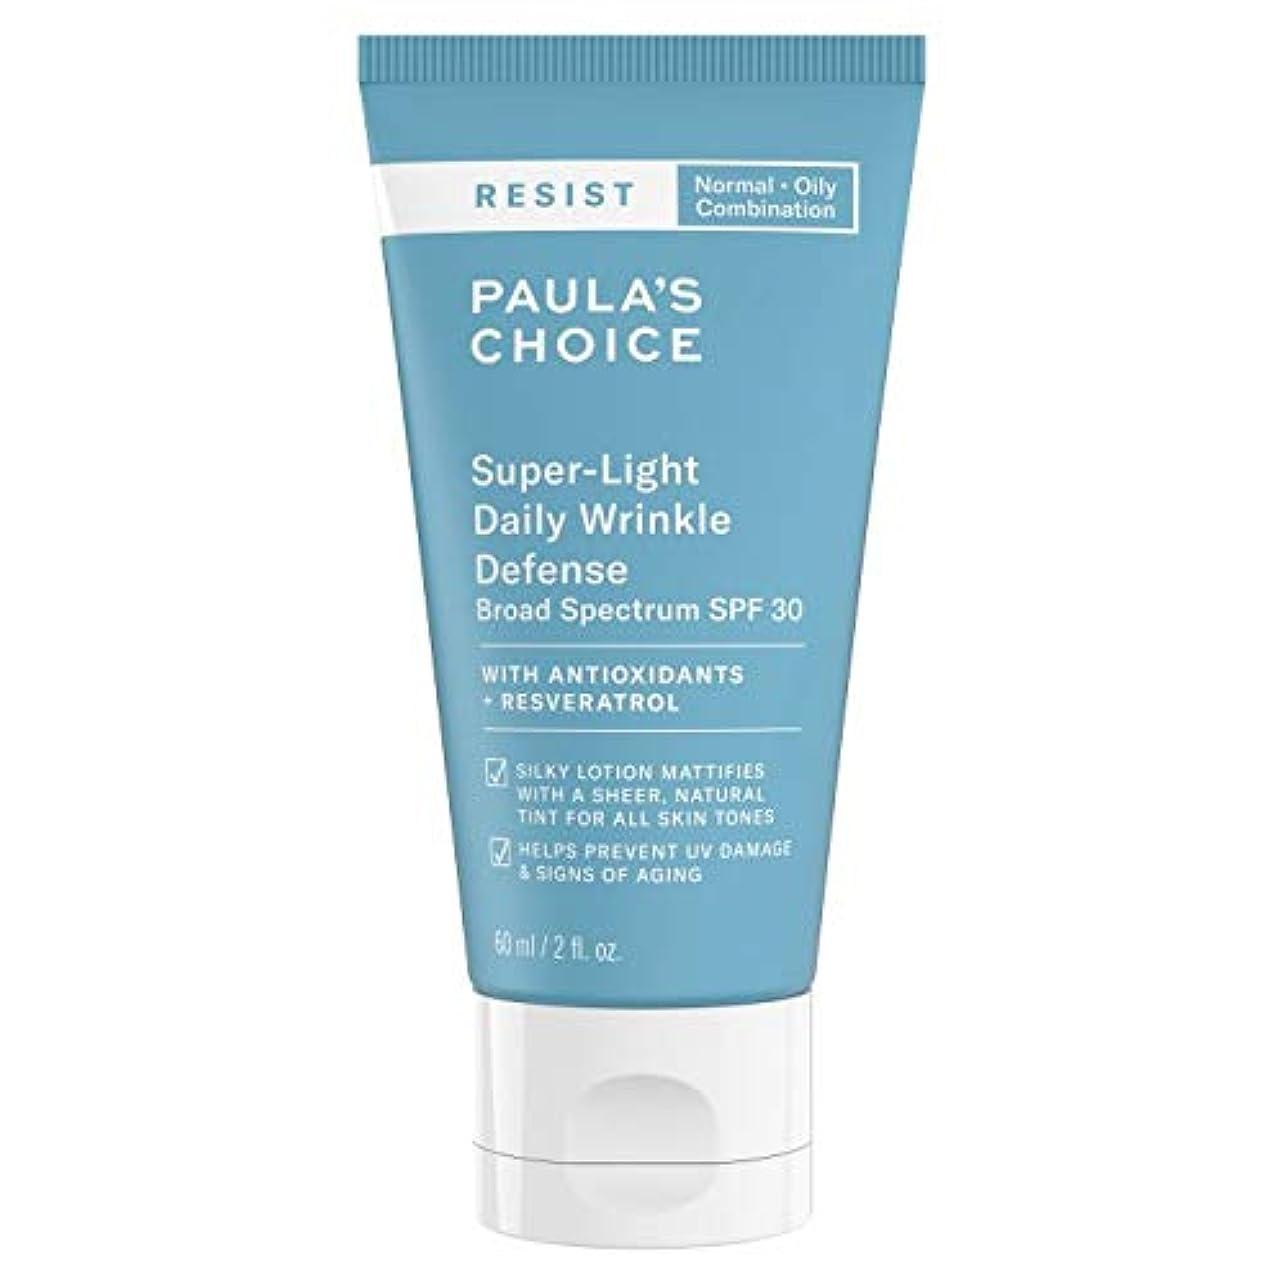 見えない切手不規則なポーラチョイス レジスト スーパーライト 毎日のしわの防衛 サンスクリーン (60ml) SPF30 / Paula's Choice Resist Super-Light Daily Wrinkle Defense Sunscreen